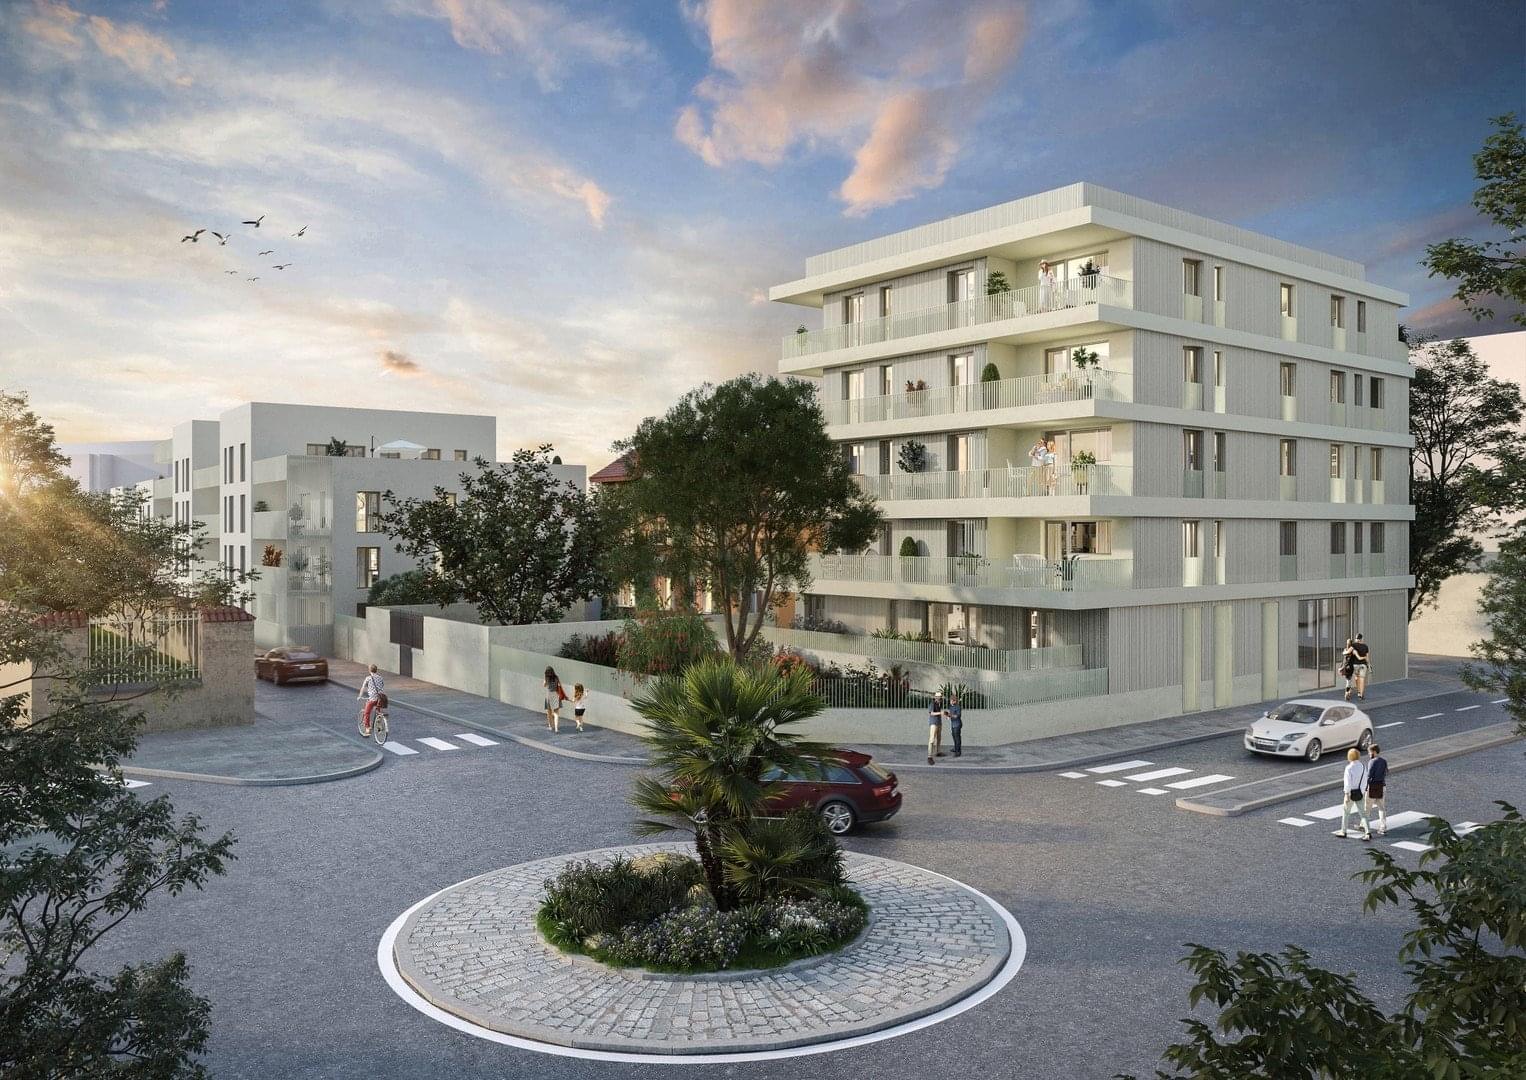 Résidence à Villefranche sur Saône Petite copropriété intimiste, A 5 minutes de l'hypercentre, Appartements prolongés de vastes espaces extérieurs,